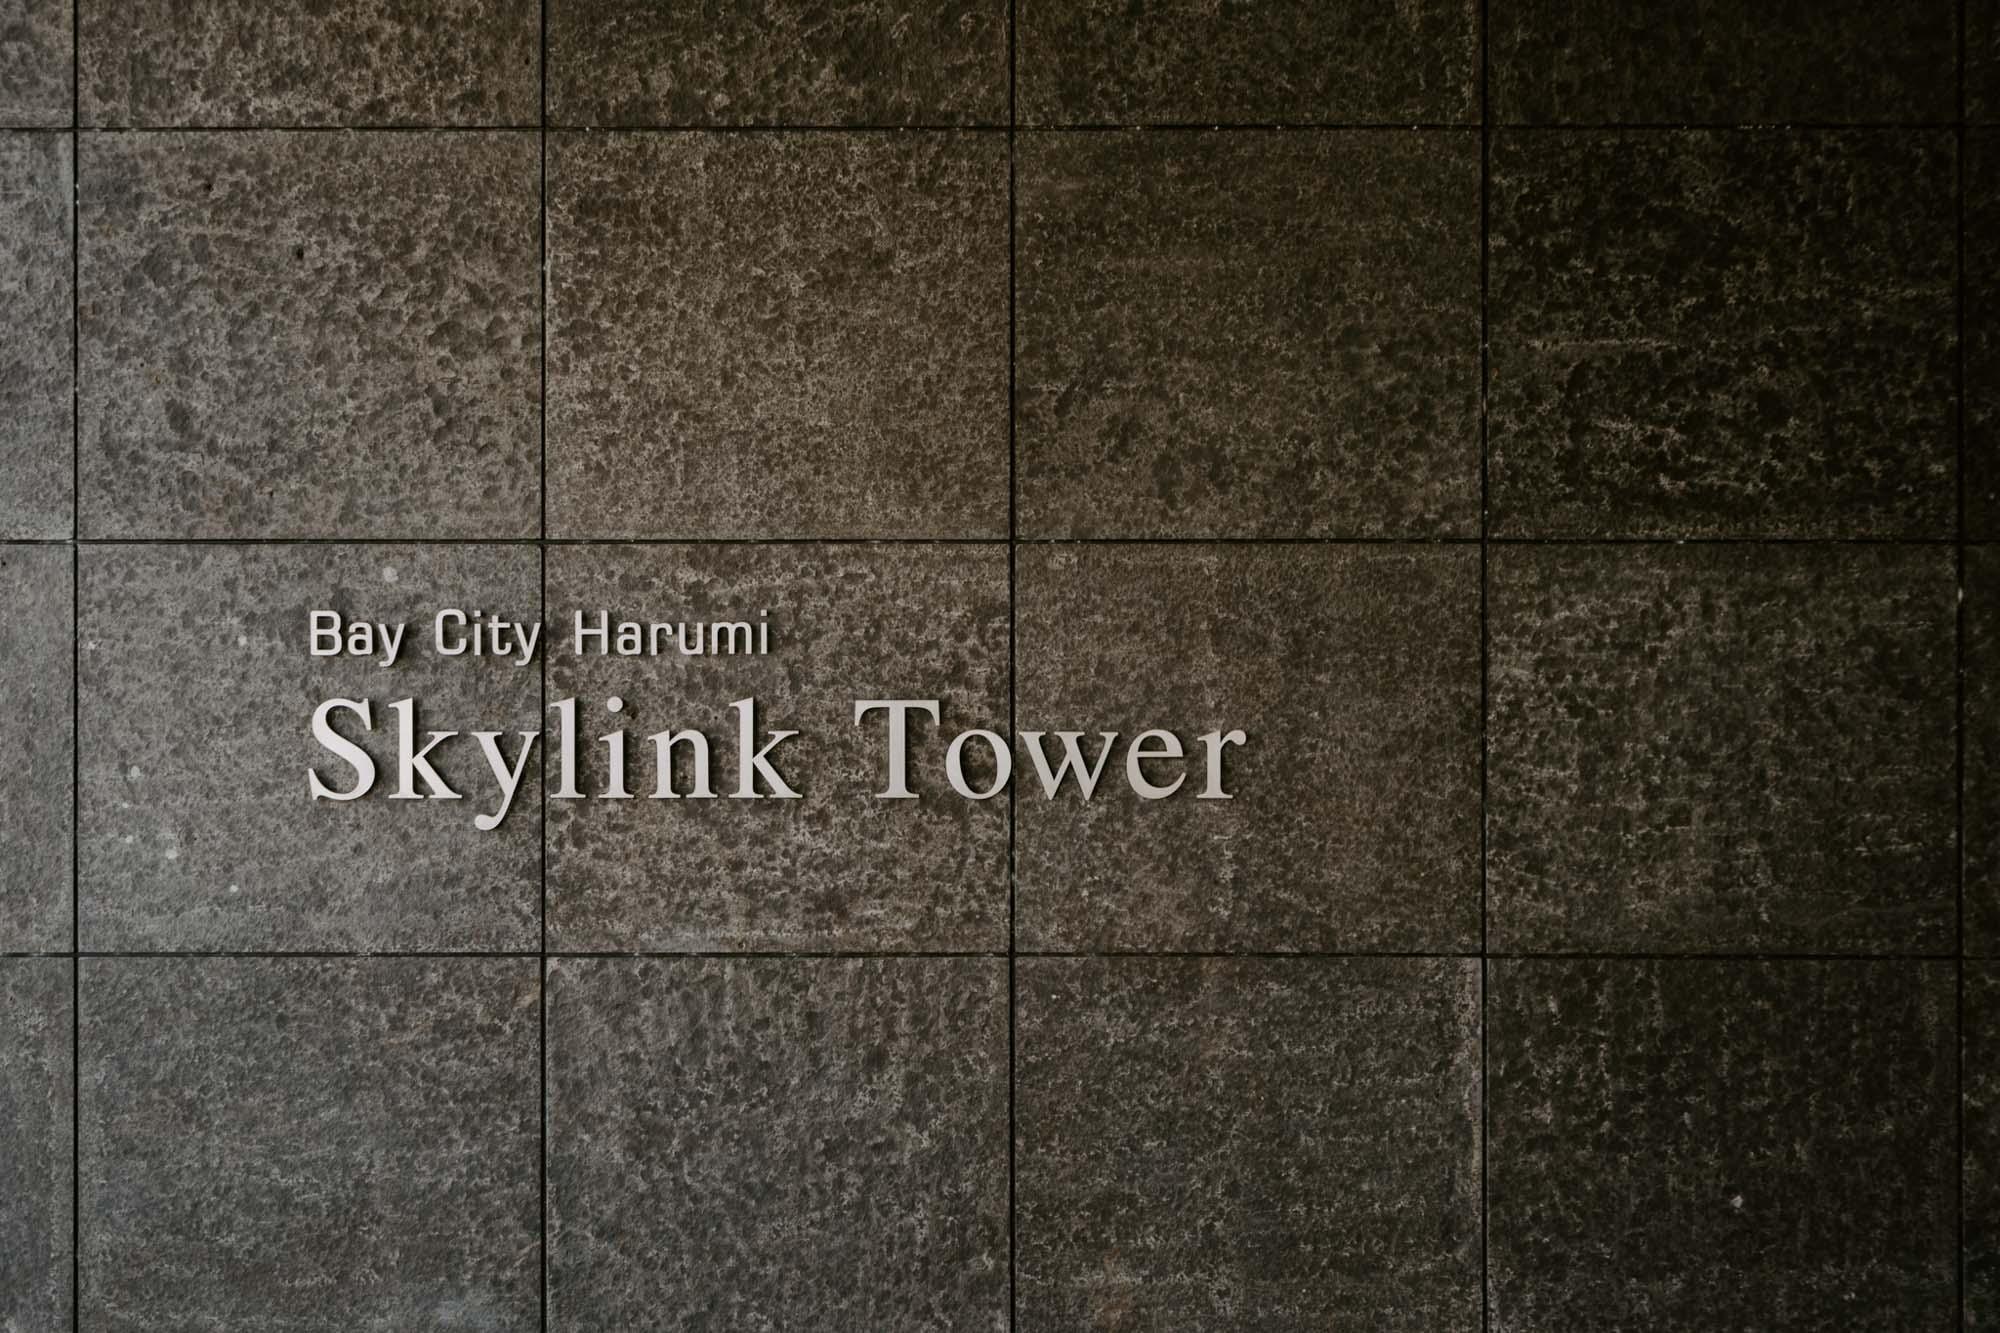 このタワーマンションのうちの1棟が「スカイリンクタワー」。ここにお得な初期費用で借りることのできる、UR賃貸住宅があるとは。